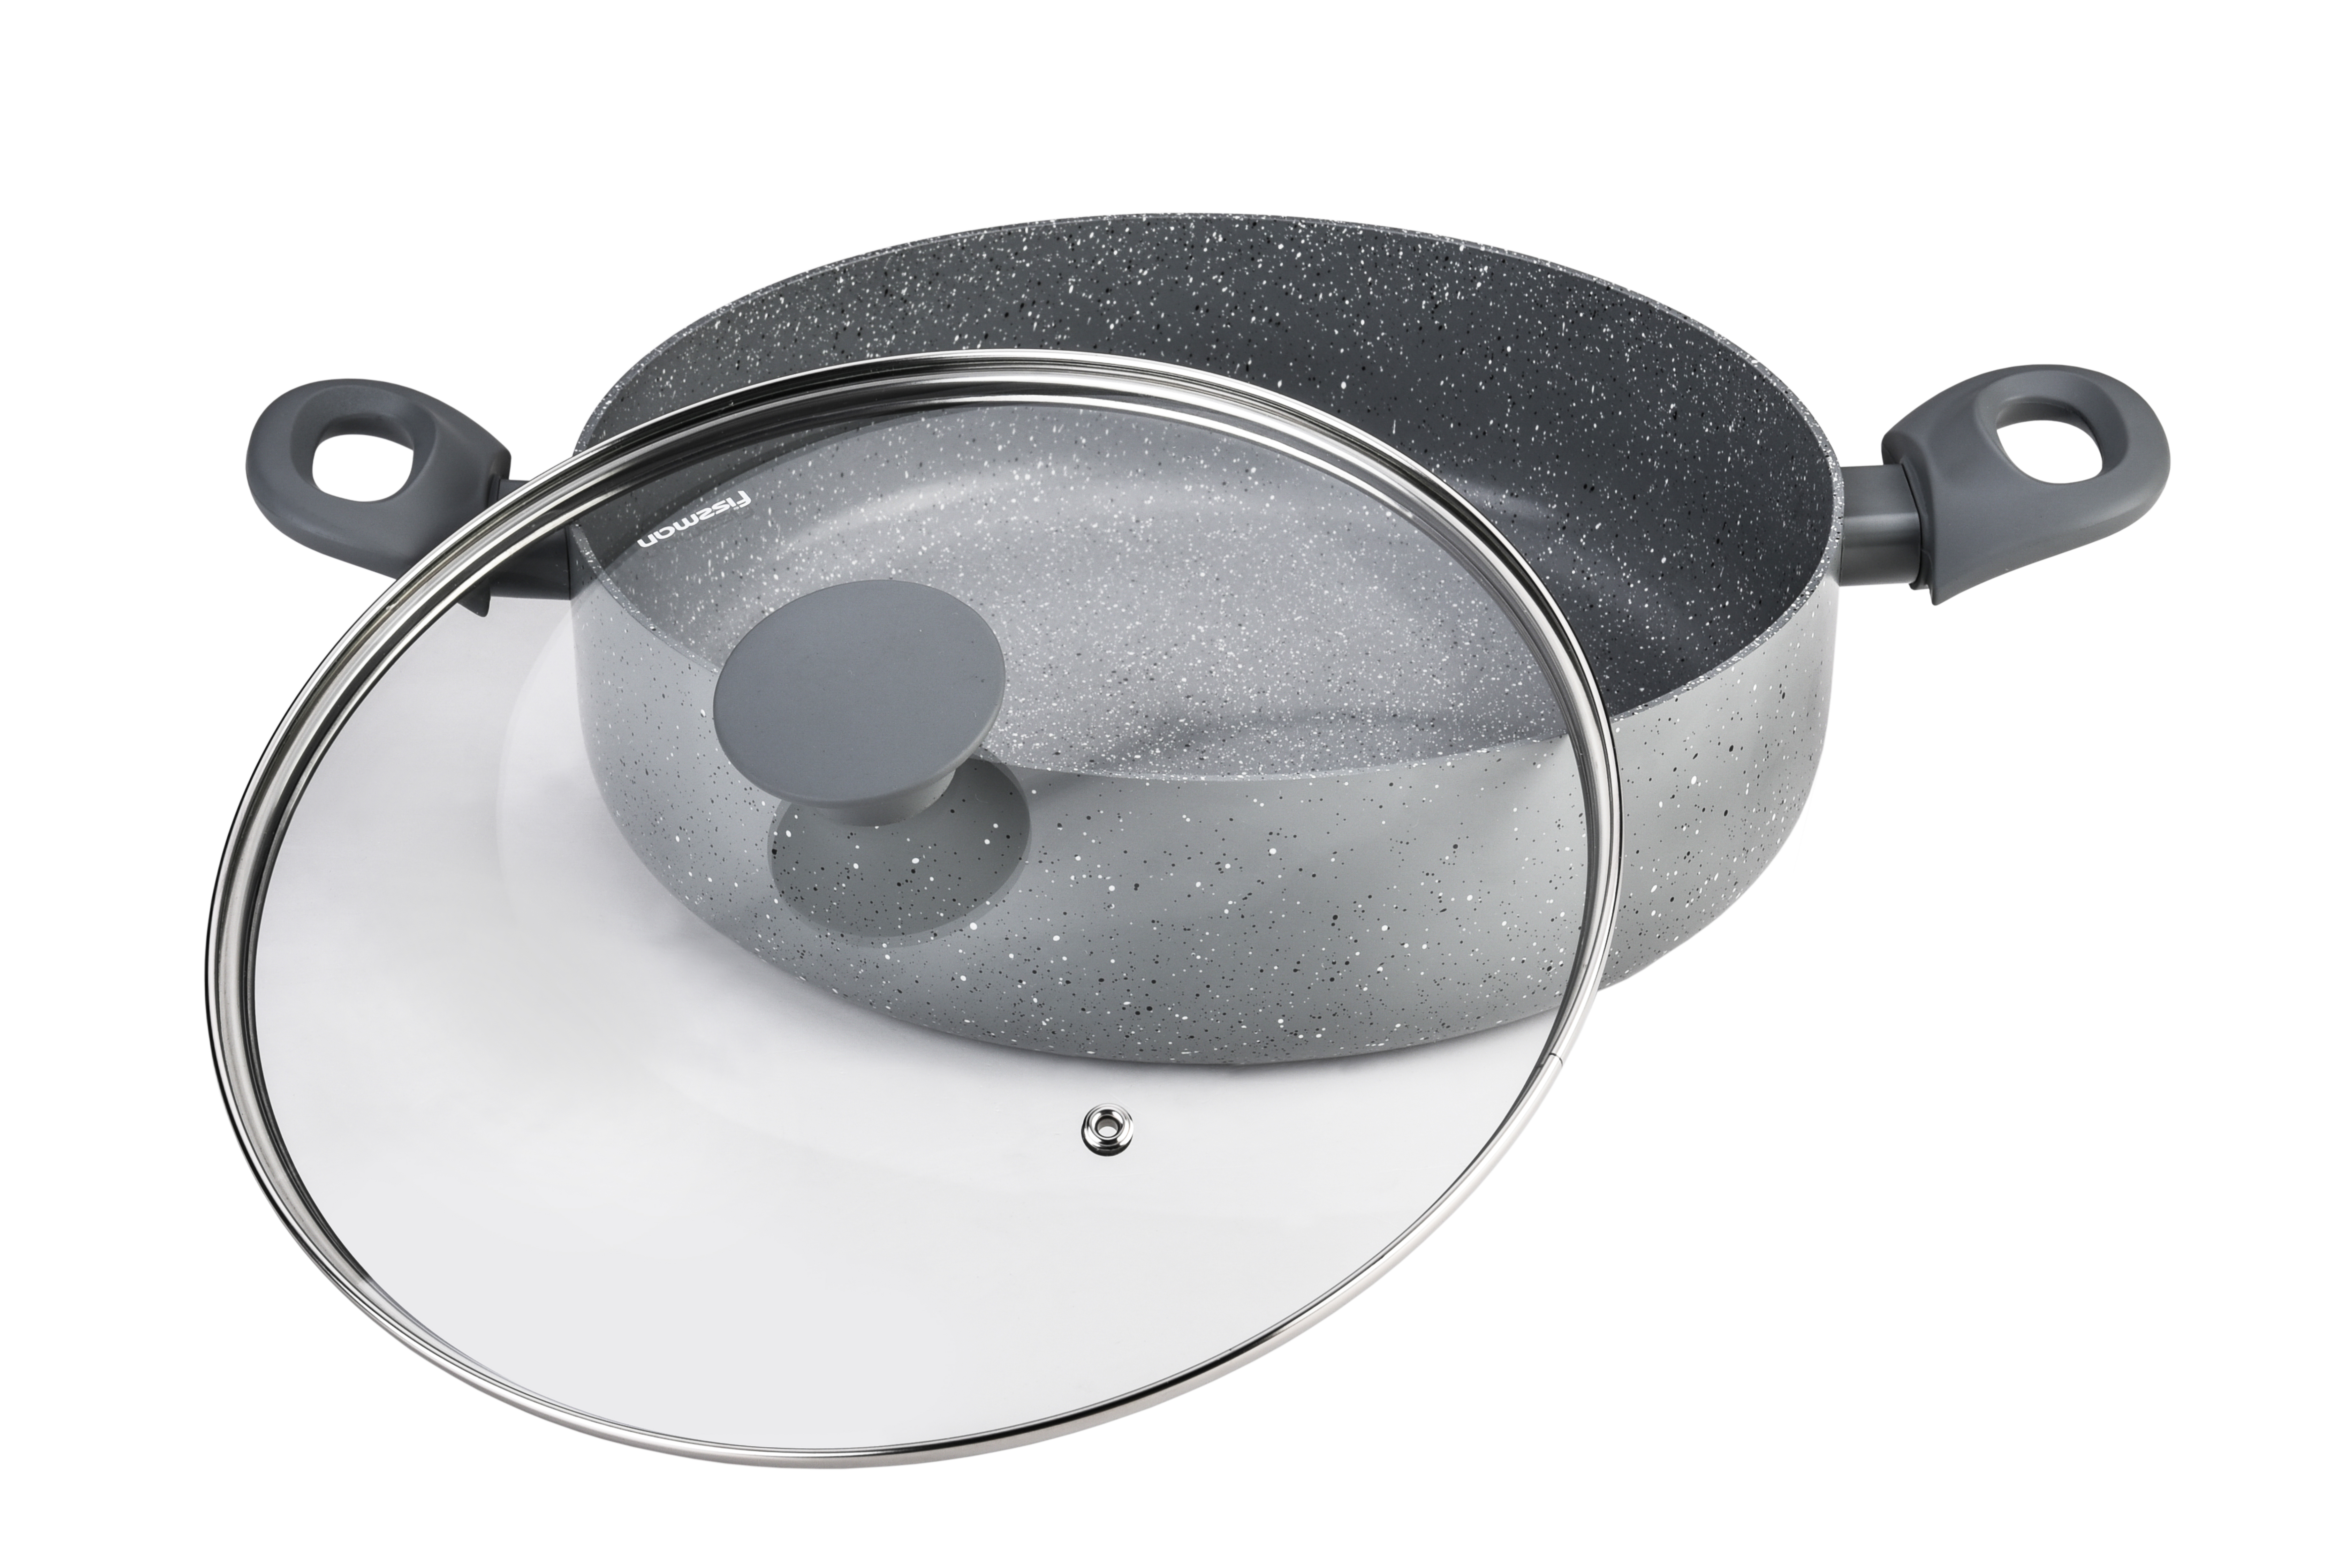 Сотейник Fissman Garda с крышкой, с антипригарным покрытием. Диаметр 24 см54 0093121 слой улучшает сцепление покрытия с металлом, 2 слой – грунтовый, 3 слой - высокопрочное антипригарное покрытие, усиленное натуральной каменной крошкой на основе минеральных компонентов, 4 дополнительный антипригарный слой с керамическими частицами.Высота стенок: 6,5 см.